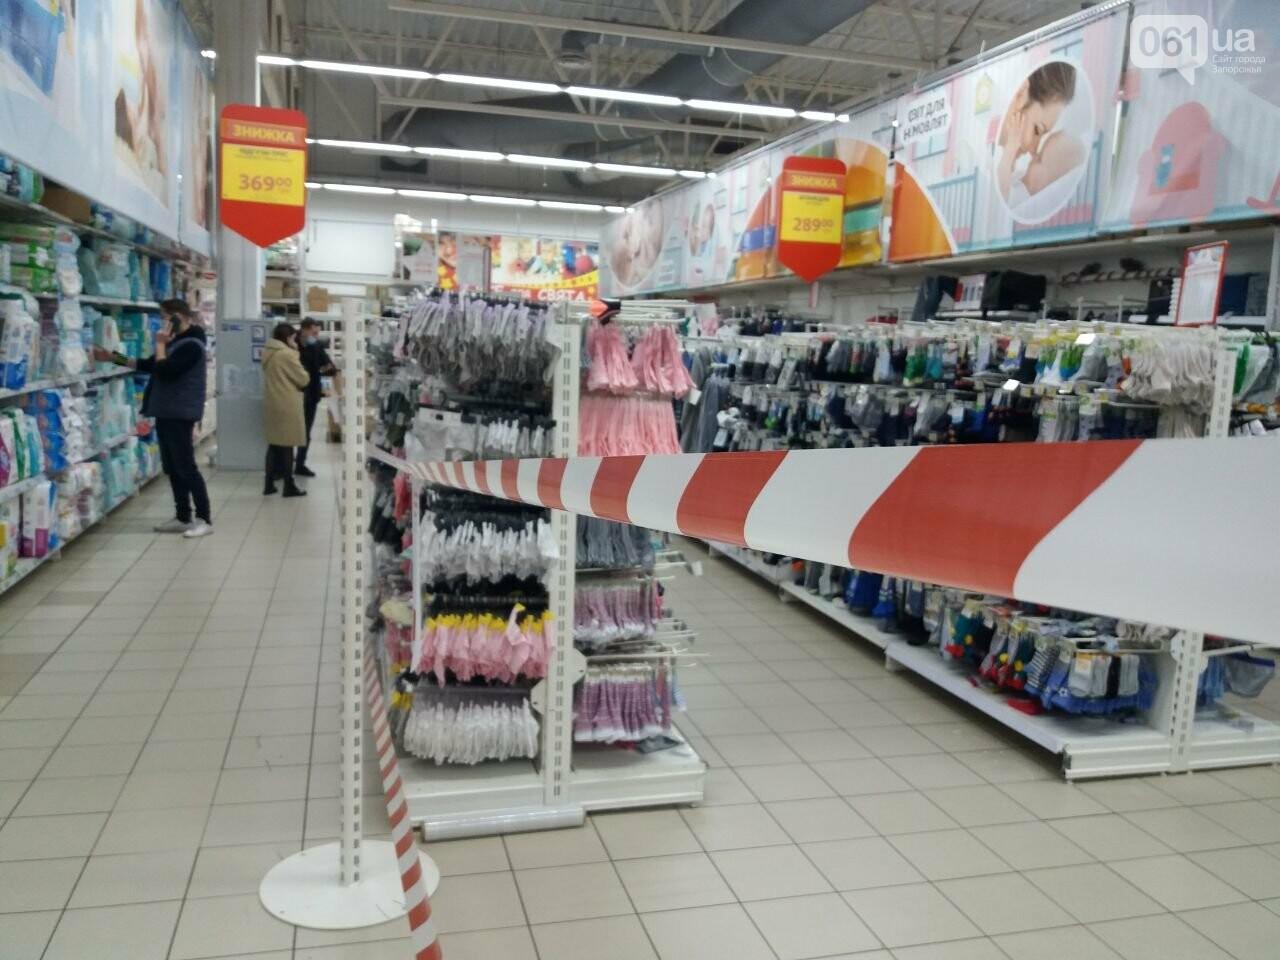 Защитные ленты на товарах, неработающие ТРЦ и полузакрытые рынки – фоторепортаж о первом дне локдауна в Запорожье, фото-30